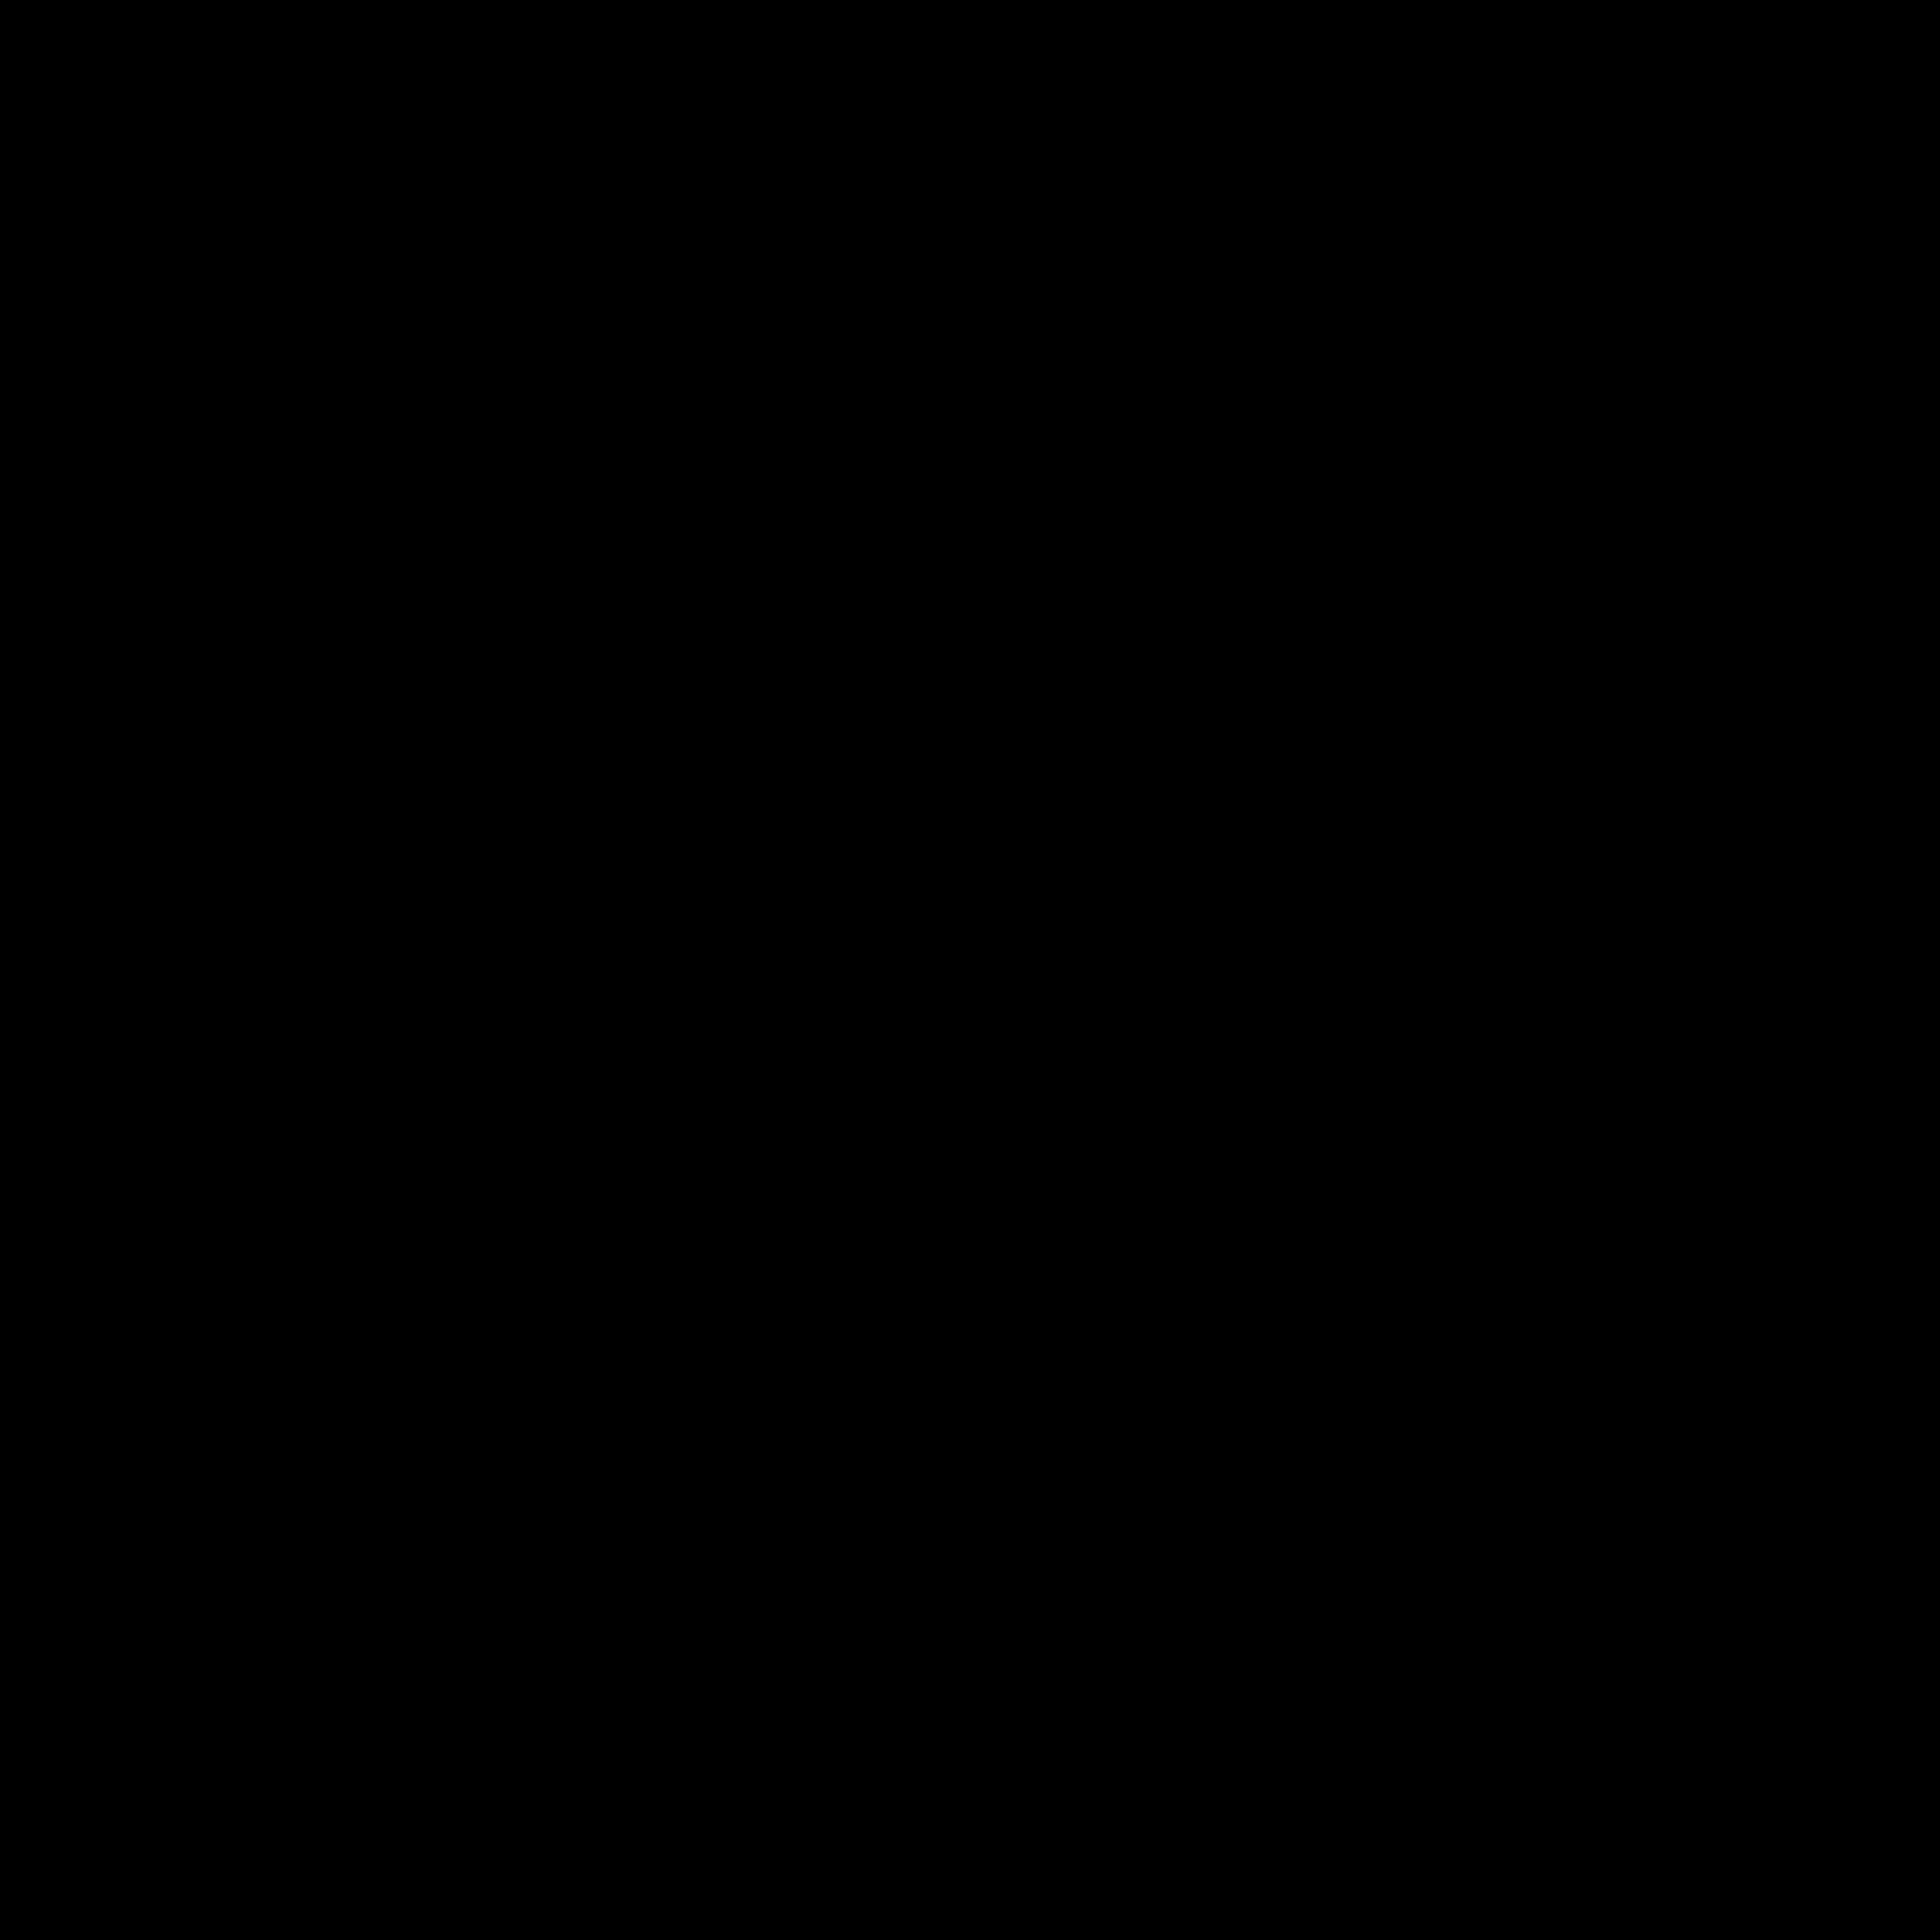 logo Yooz